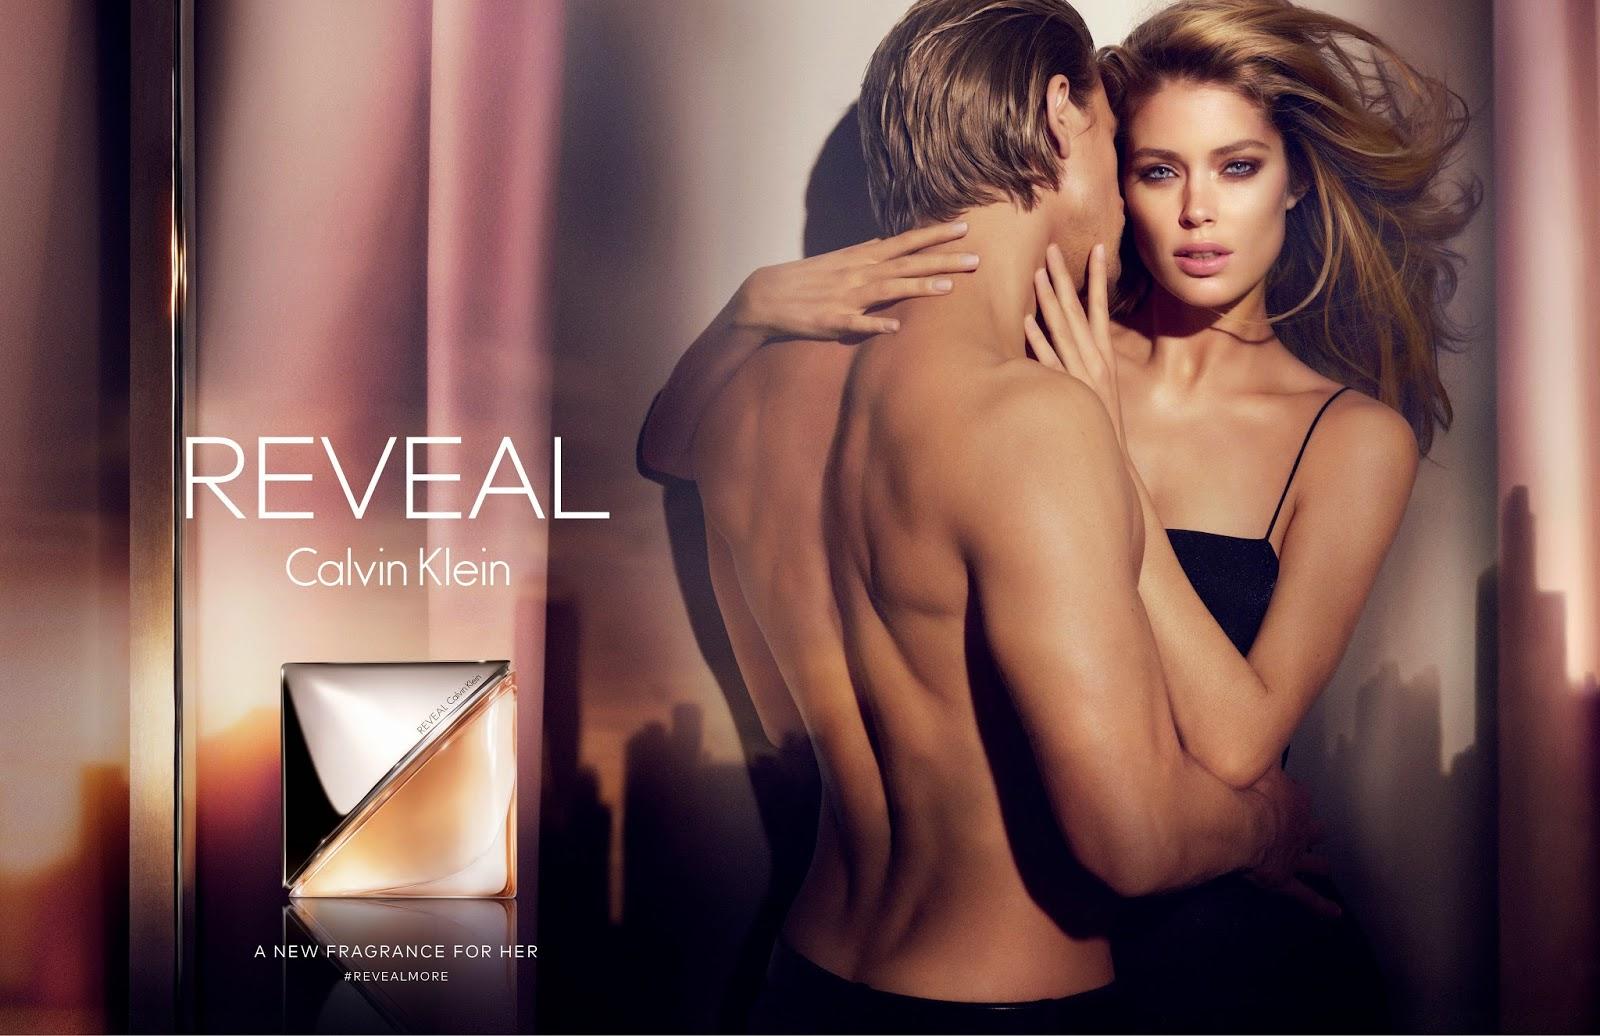 Charlii Hunnam, Doutzan Kroes y Reveal, la nueva fragancia femnina de Calvin Klein.